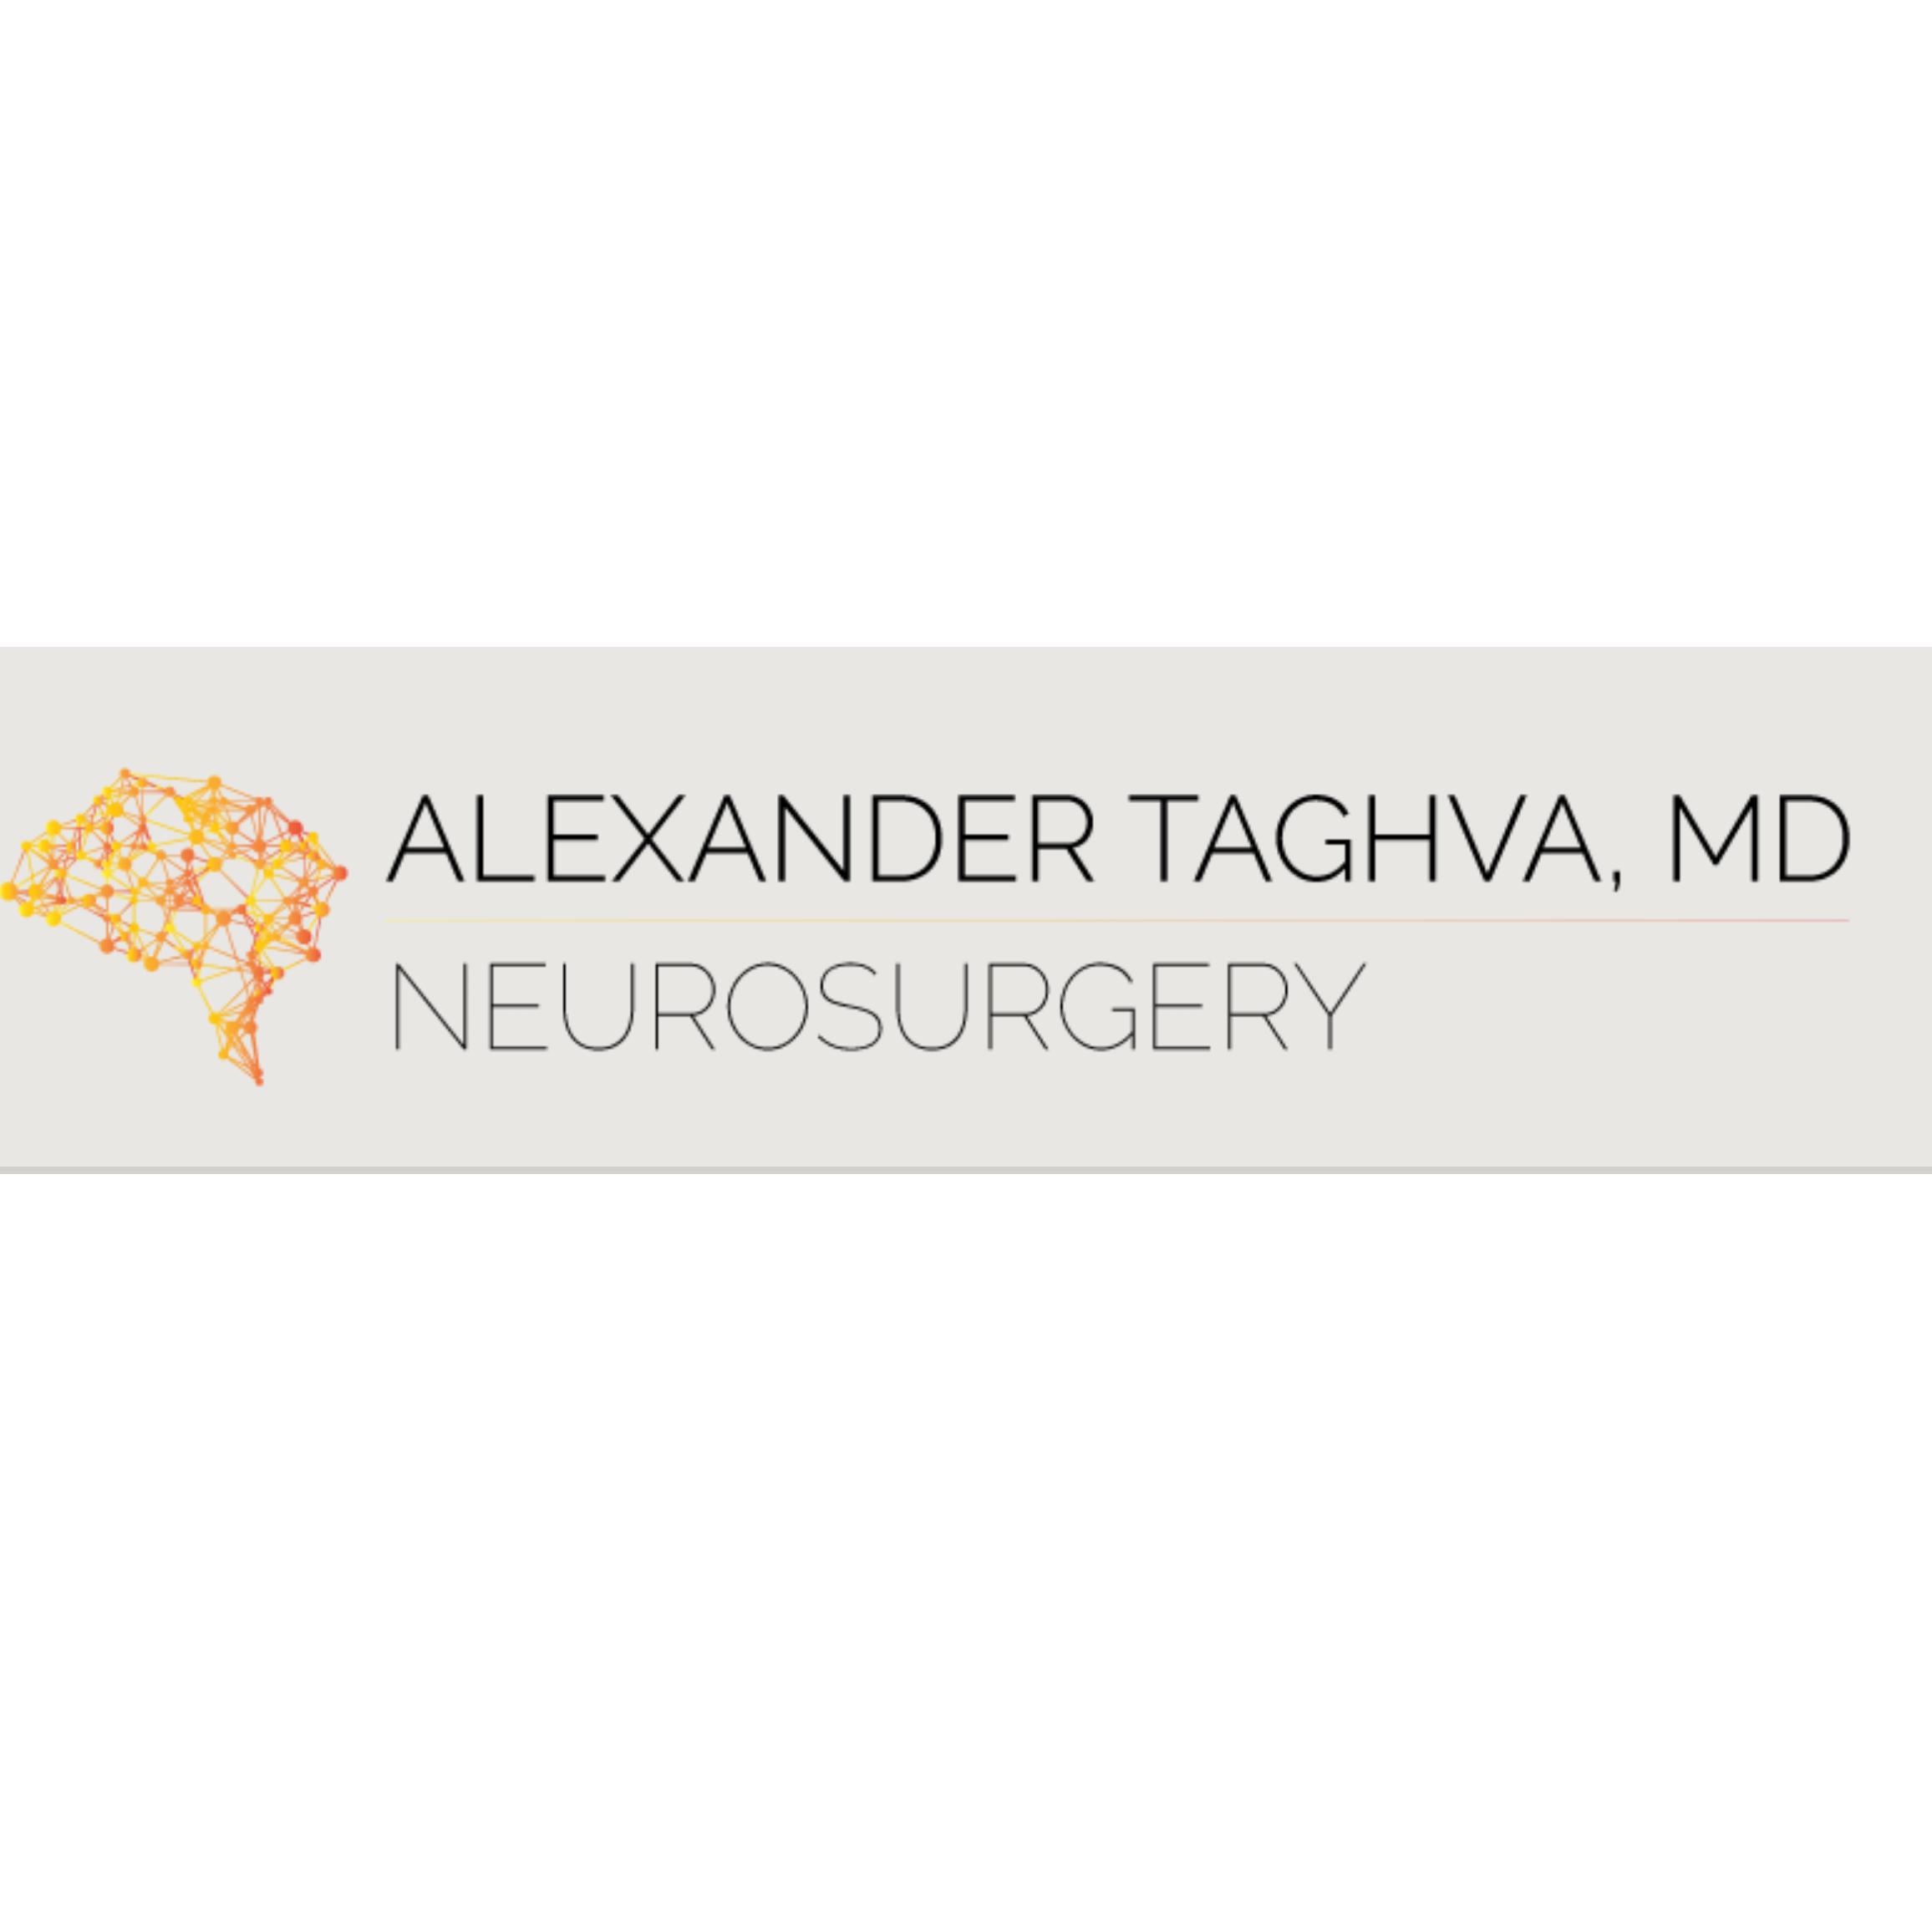 Alexander Taghva MD